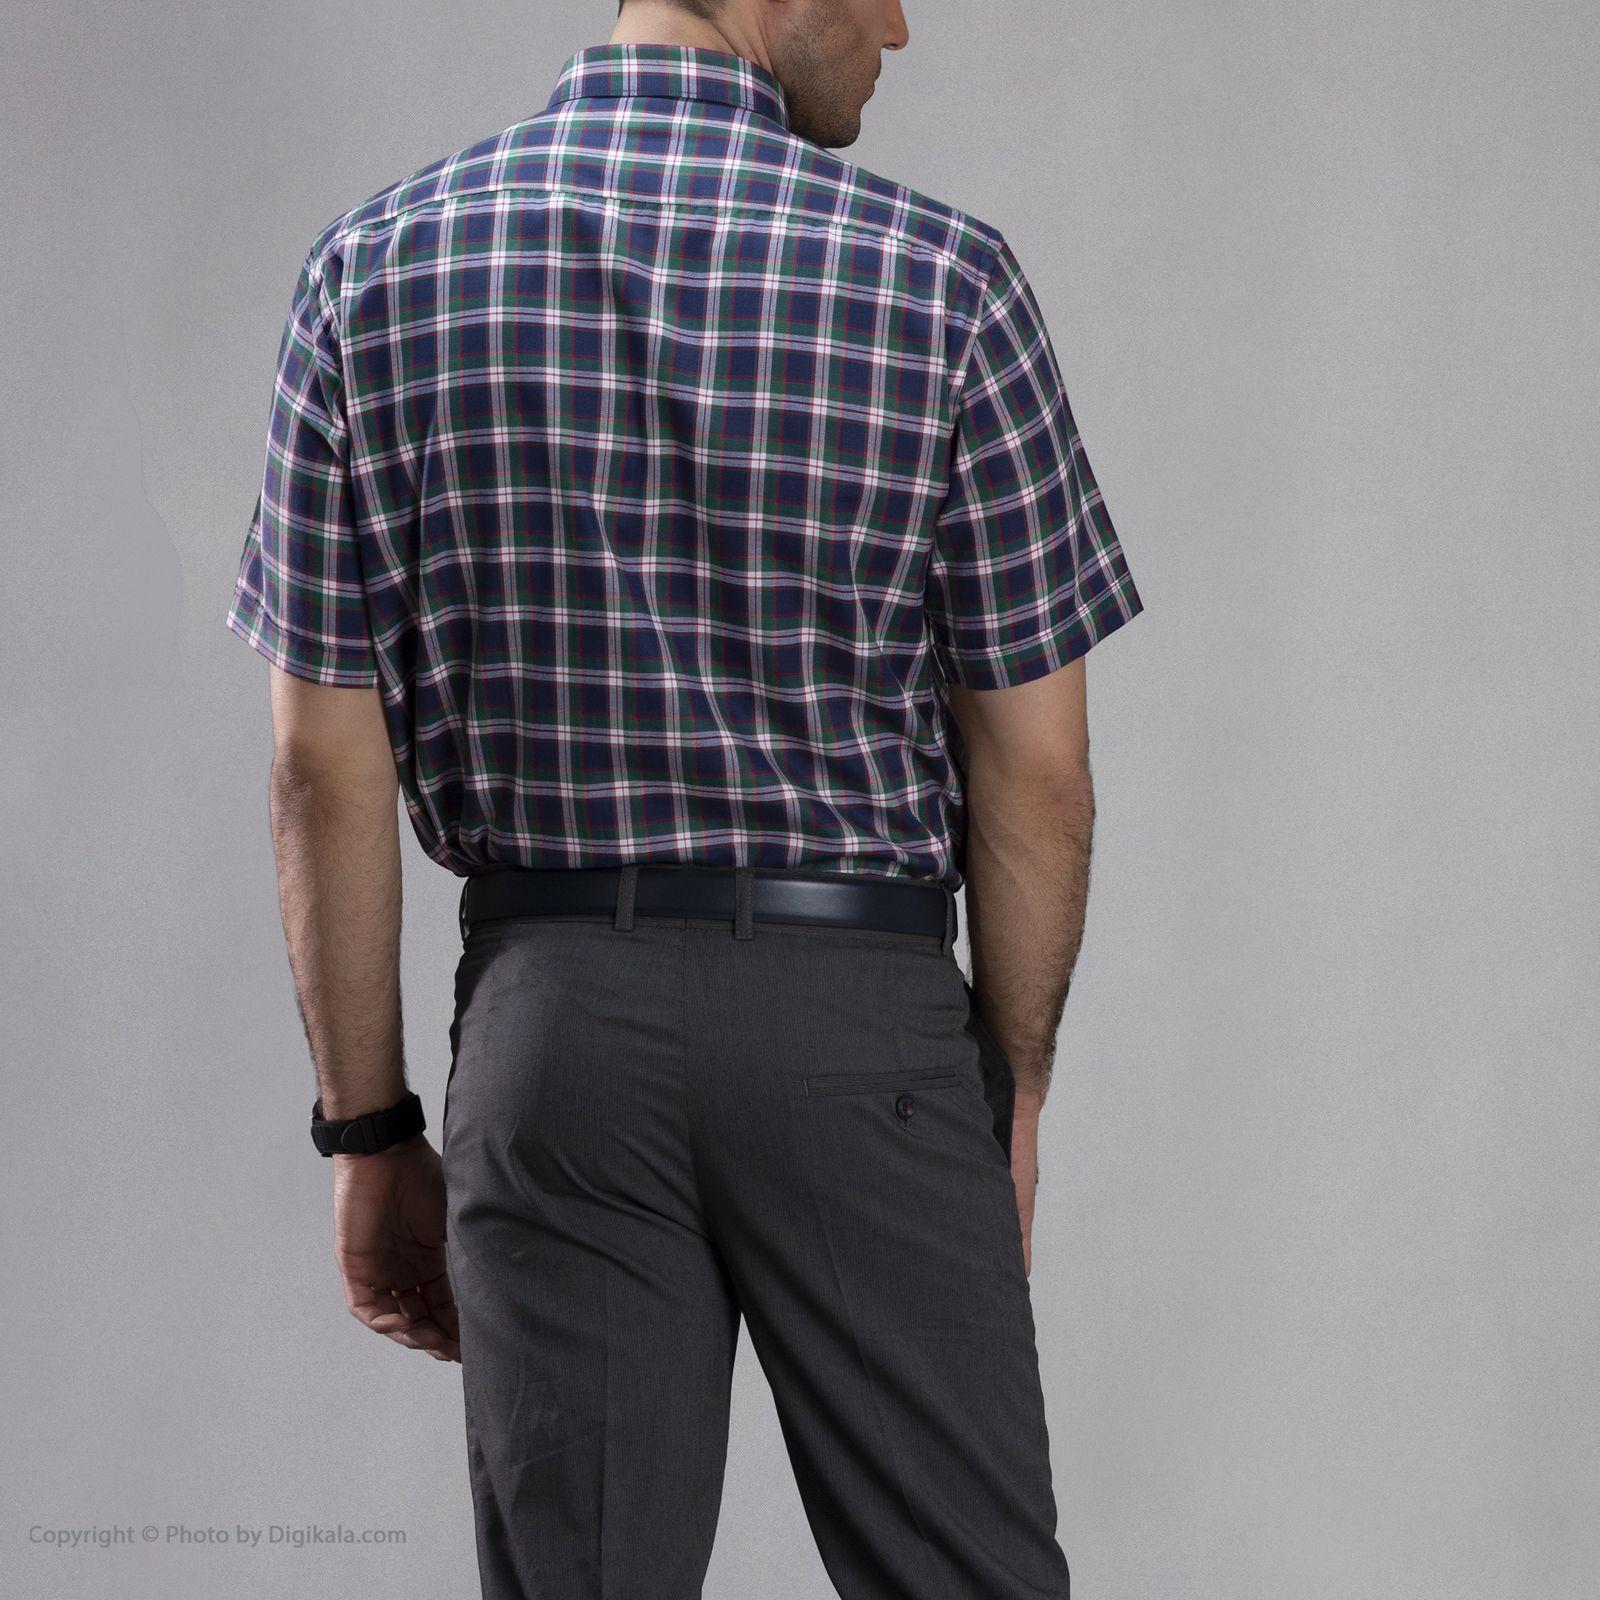 پیراهن مردانه زی مدل 1531228MC -  - 5